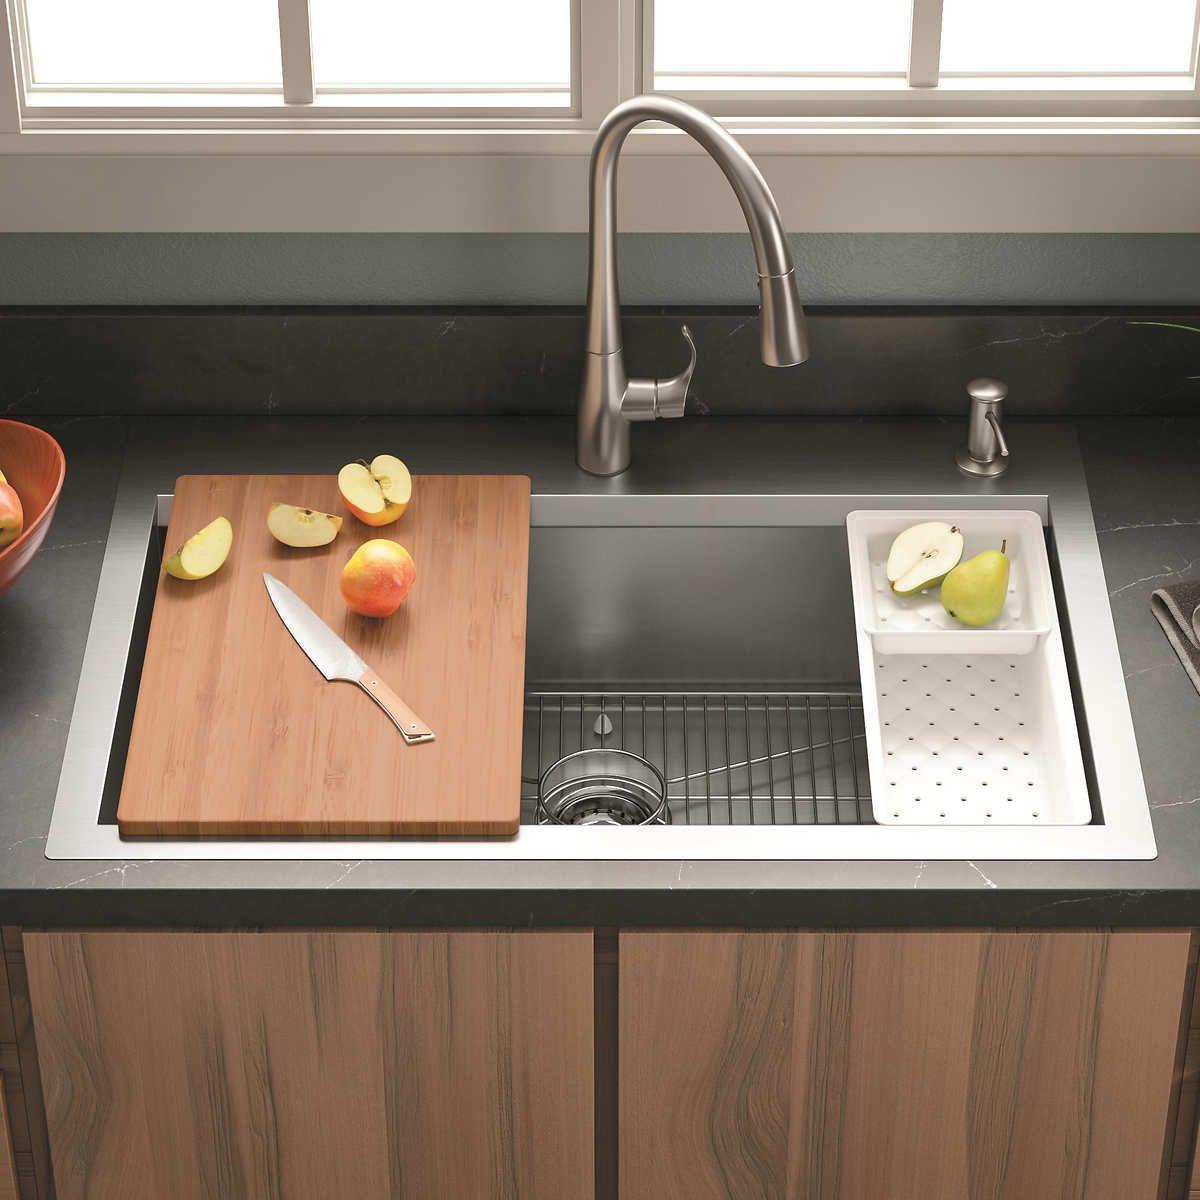 Kohler Cater Accessorized Kitchen Sink Kitchen Sink Faucets Best Kitchen Sinks Kitchen Sink